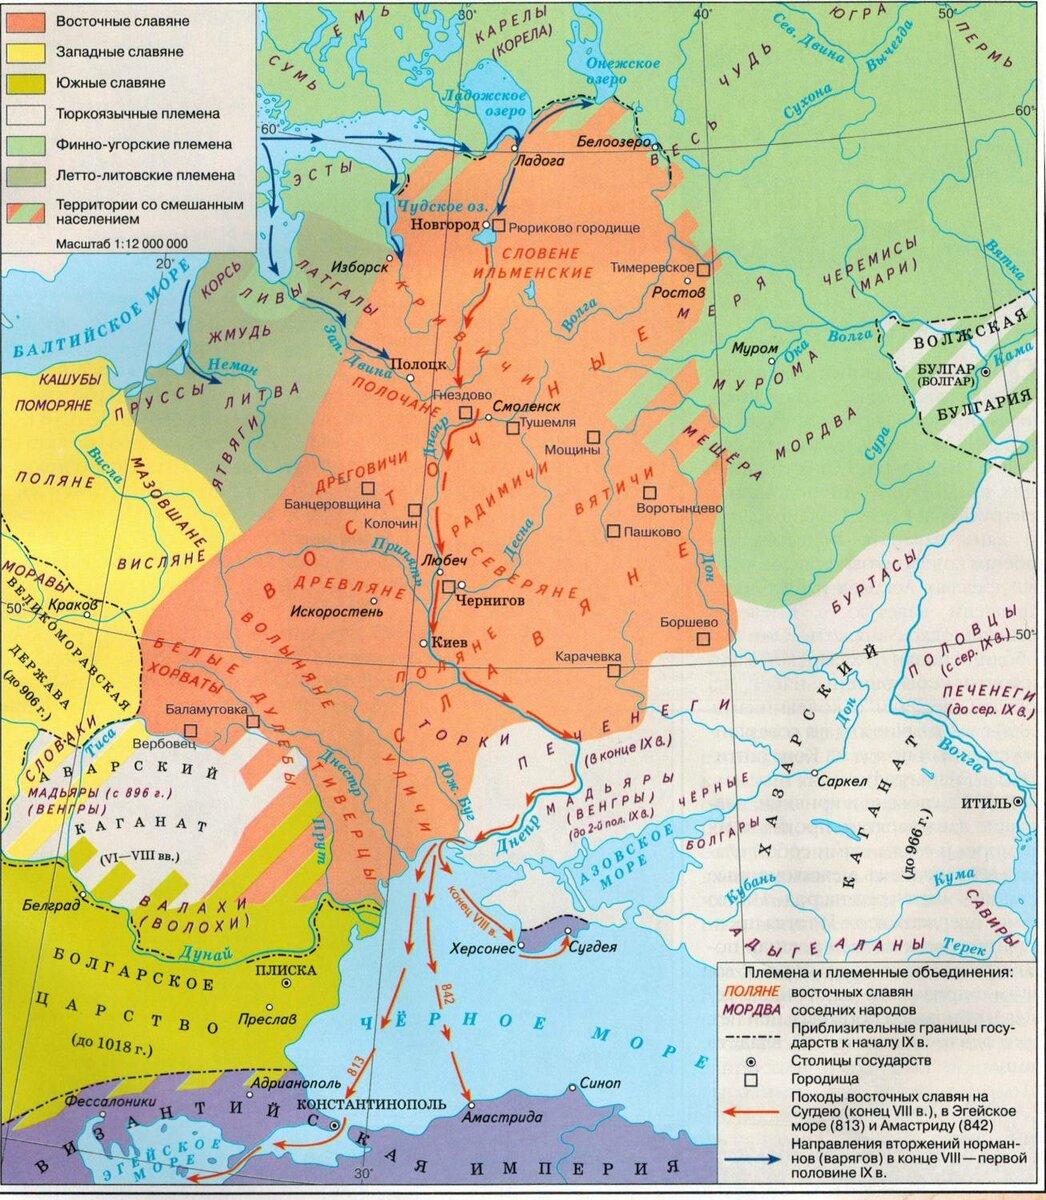 происхождение восточных славян кратко самое главное